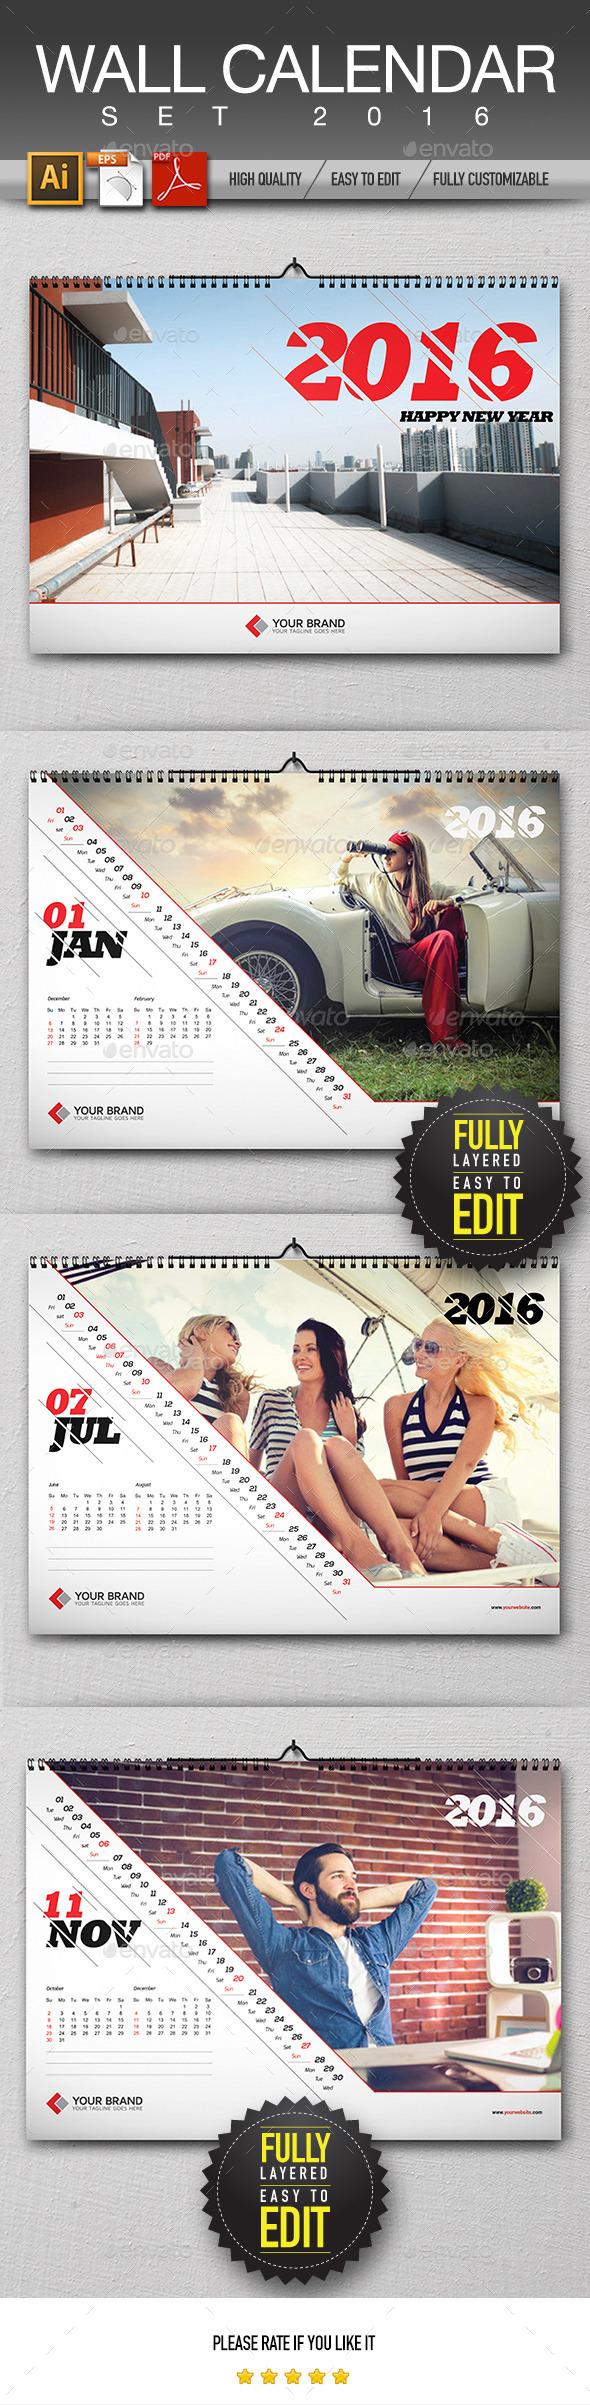 Wall Calendar Design 2016